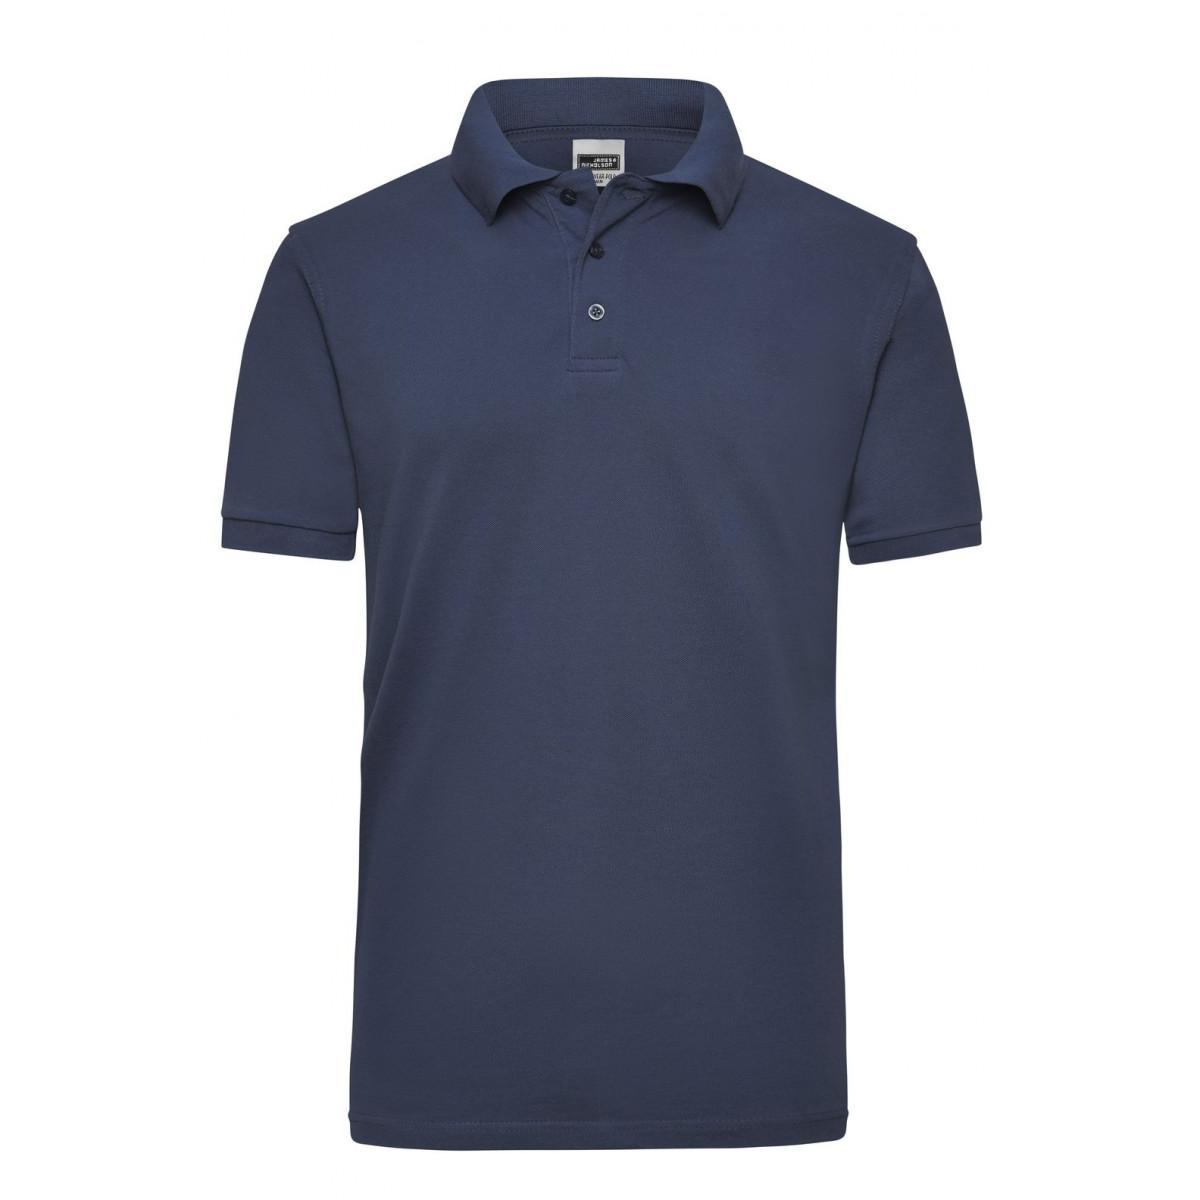 Рубашка поло мужская JN801 Workwear Polo Men - Темно-синий